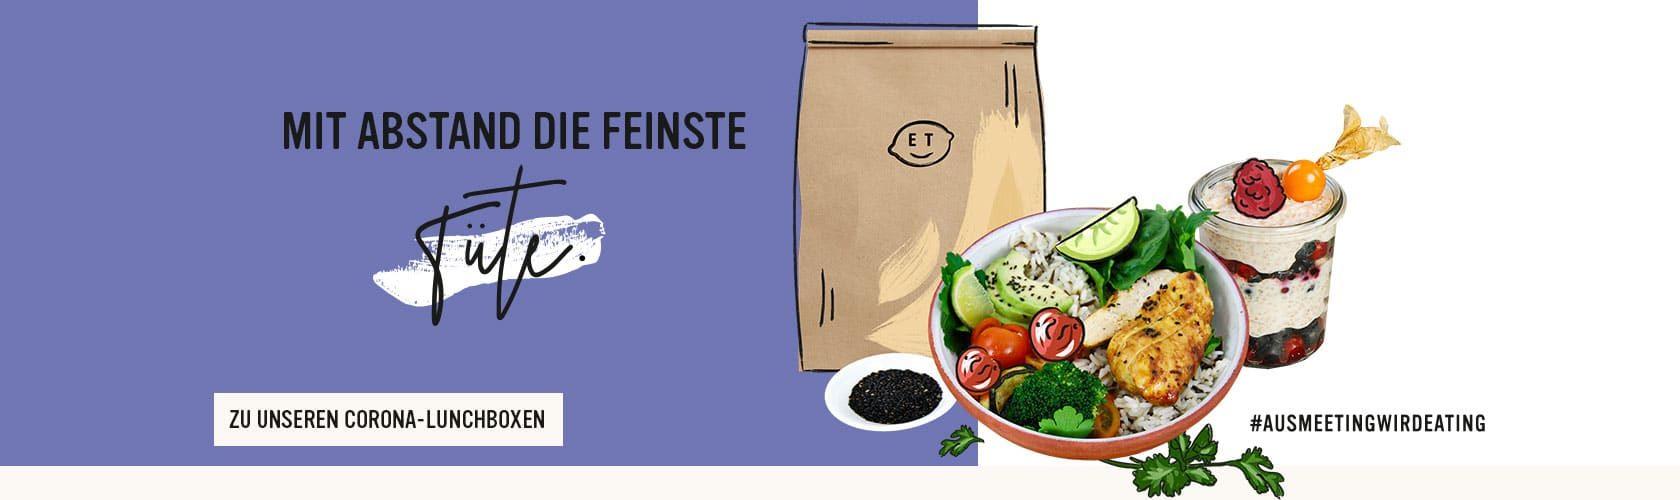 Die Produkte der *Safe-Eating* Lunchbox, werden zu Zeiten von Corona nach Sicherheits- und Hygienestandards durch Einwegverpackungen einzeln verpackt. Catering Corona-Konform.